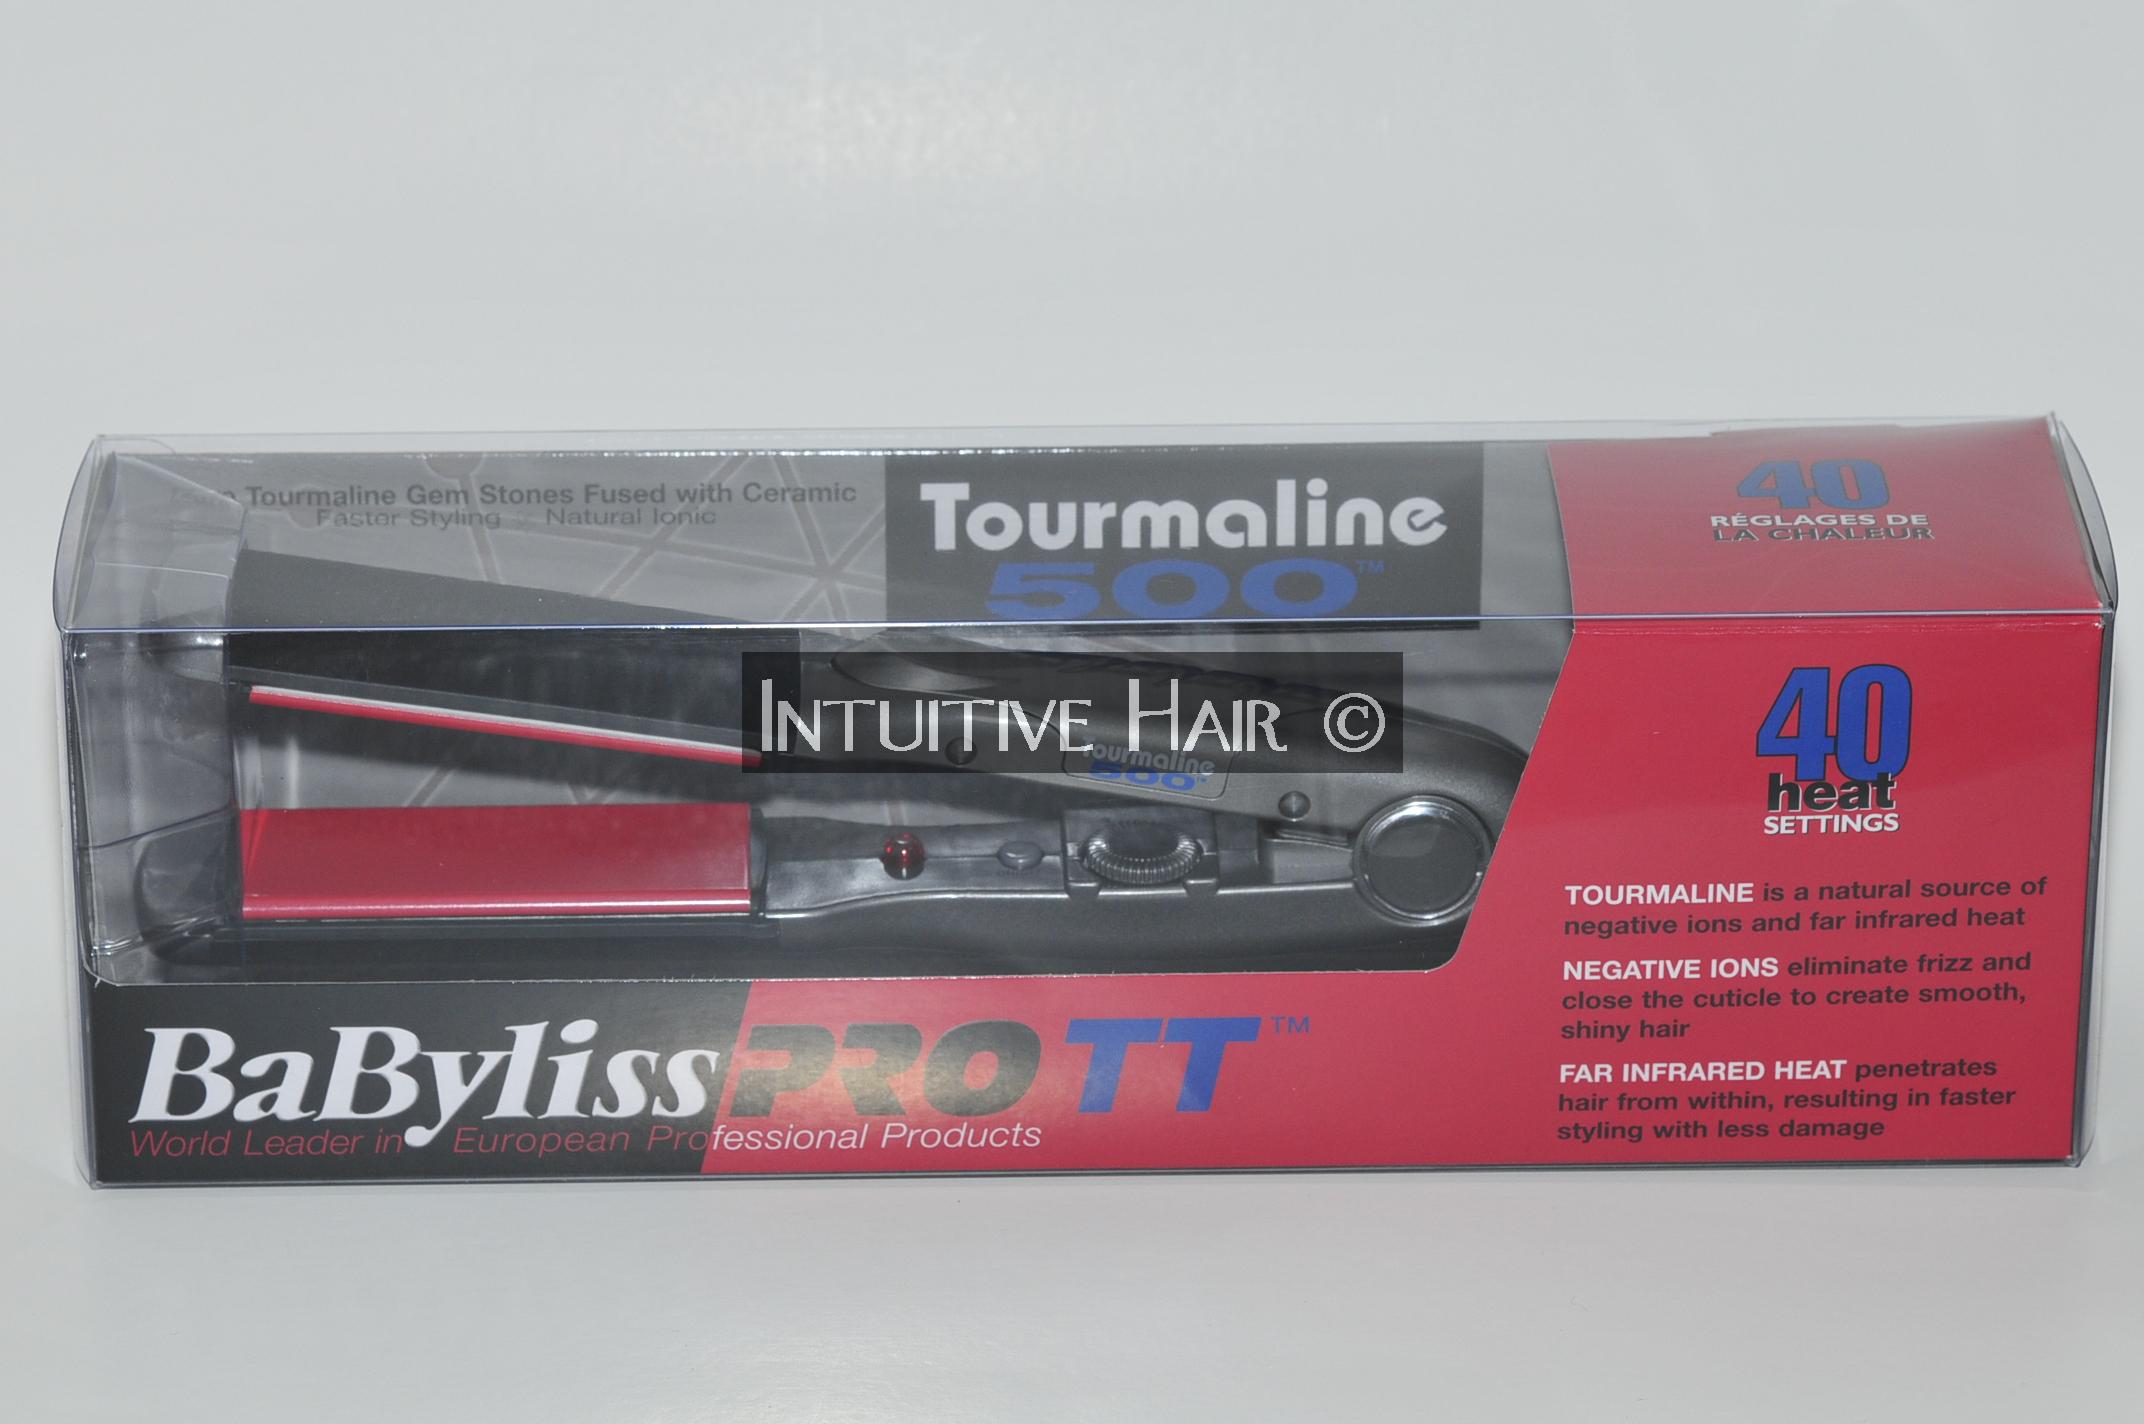 Babyliss Pro Professional Tourmaline 500 Flat Iron 1 5 034